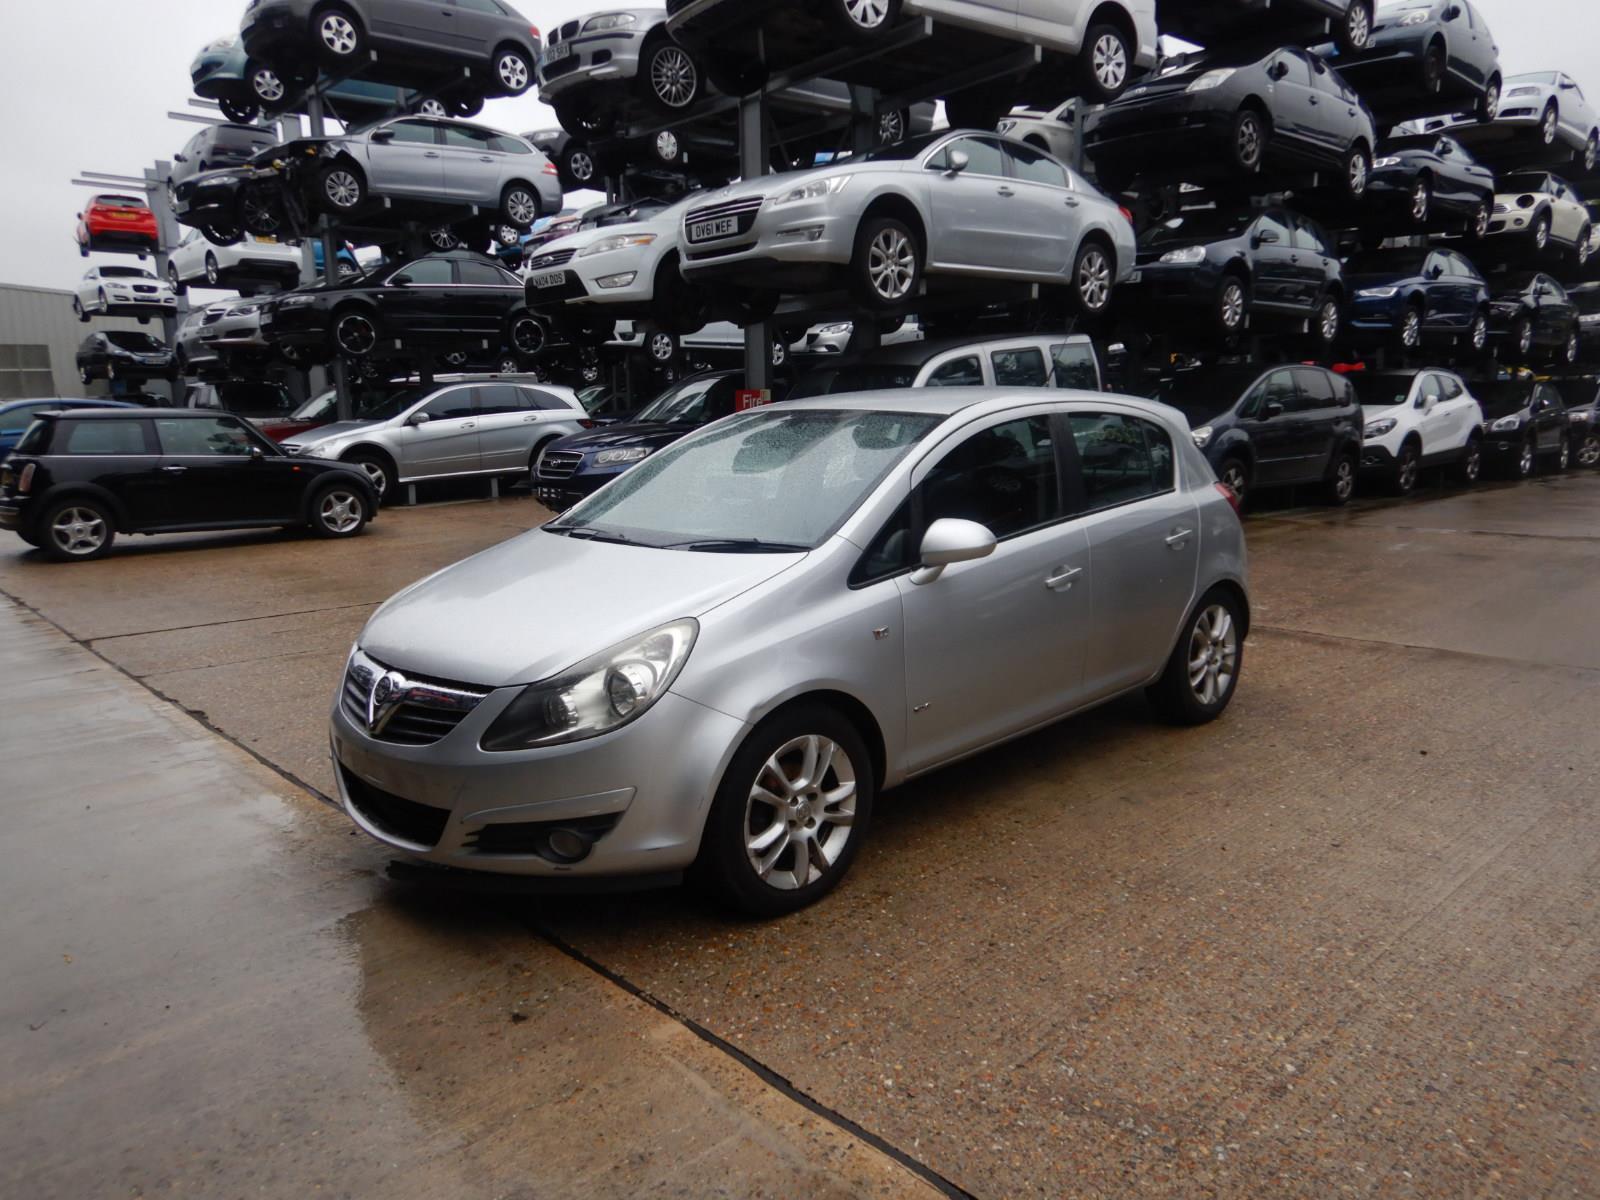 Vauxhall Corsa 2007 To 2011 SXi A/C 5 Door Hatchback